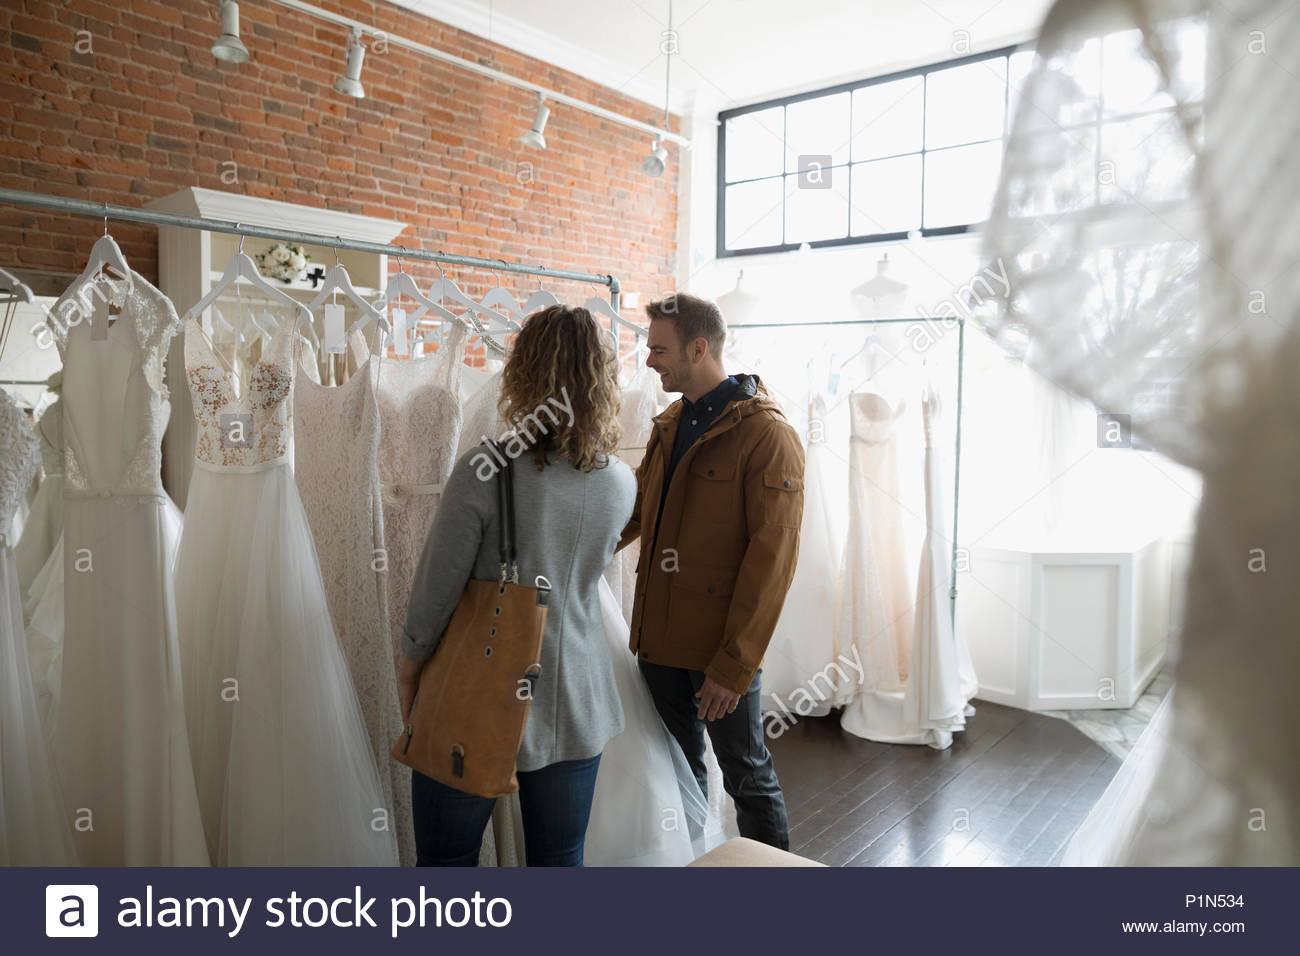 Sposa e lo sposo per lo shopping di abiti da sposa nella boutique nuziale Immagini Stock